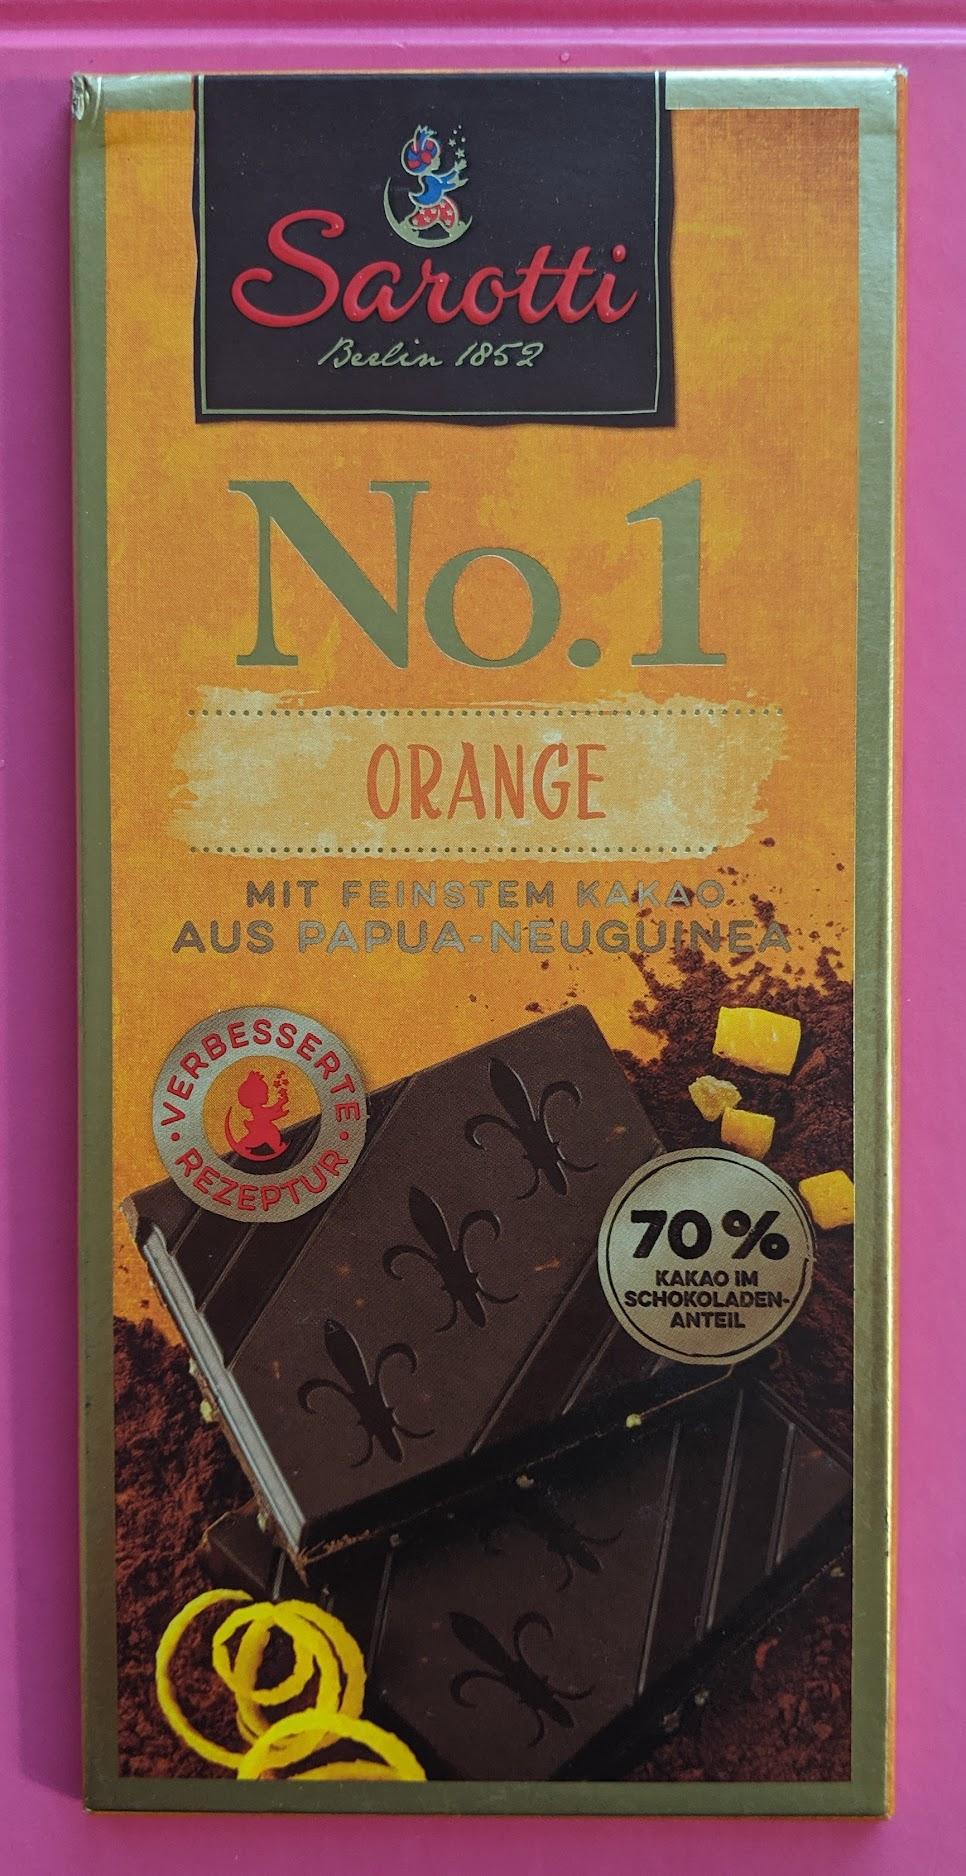 70% sarotti orange bar